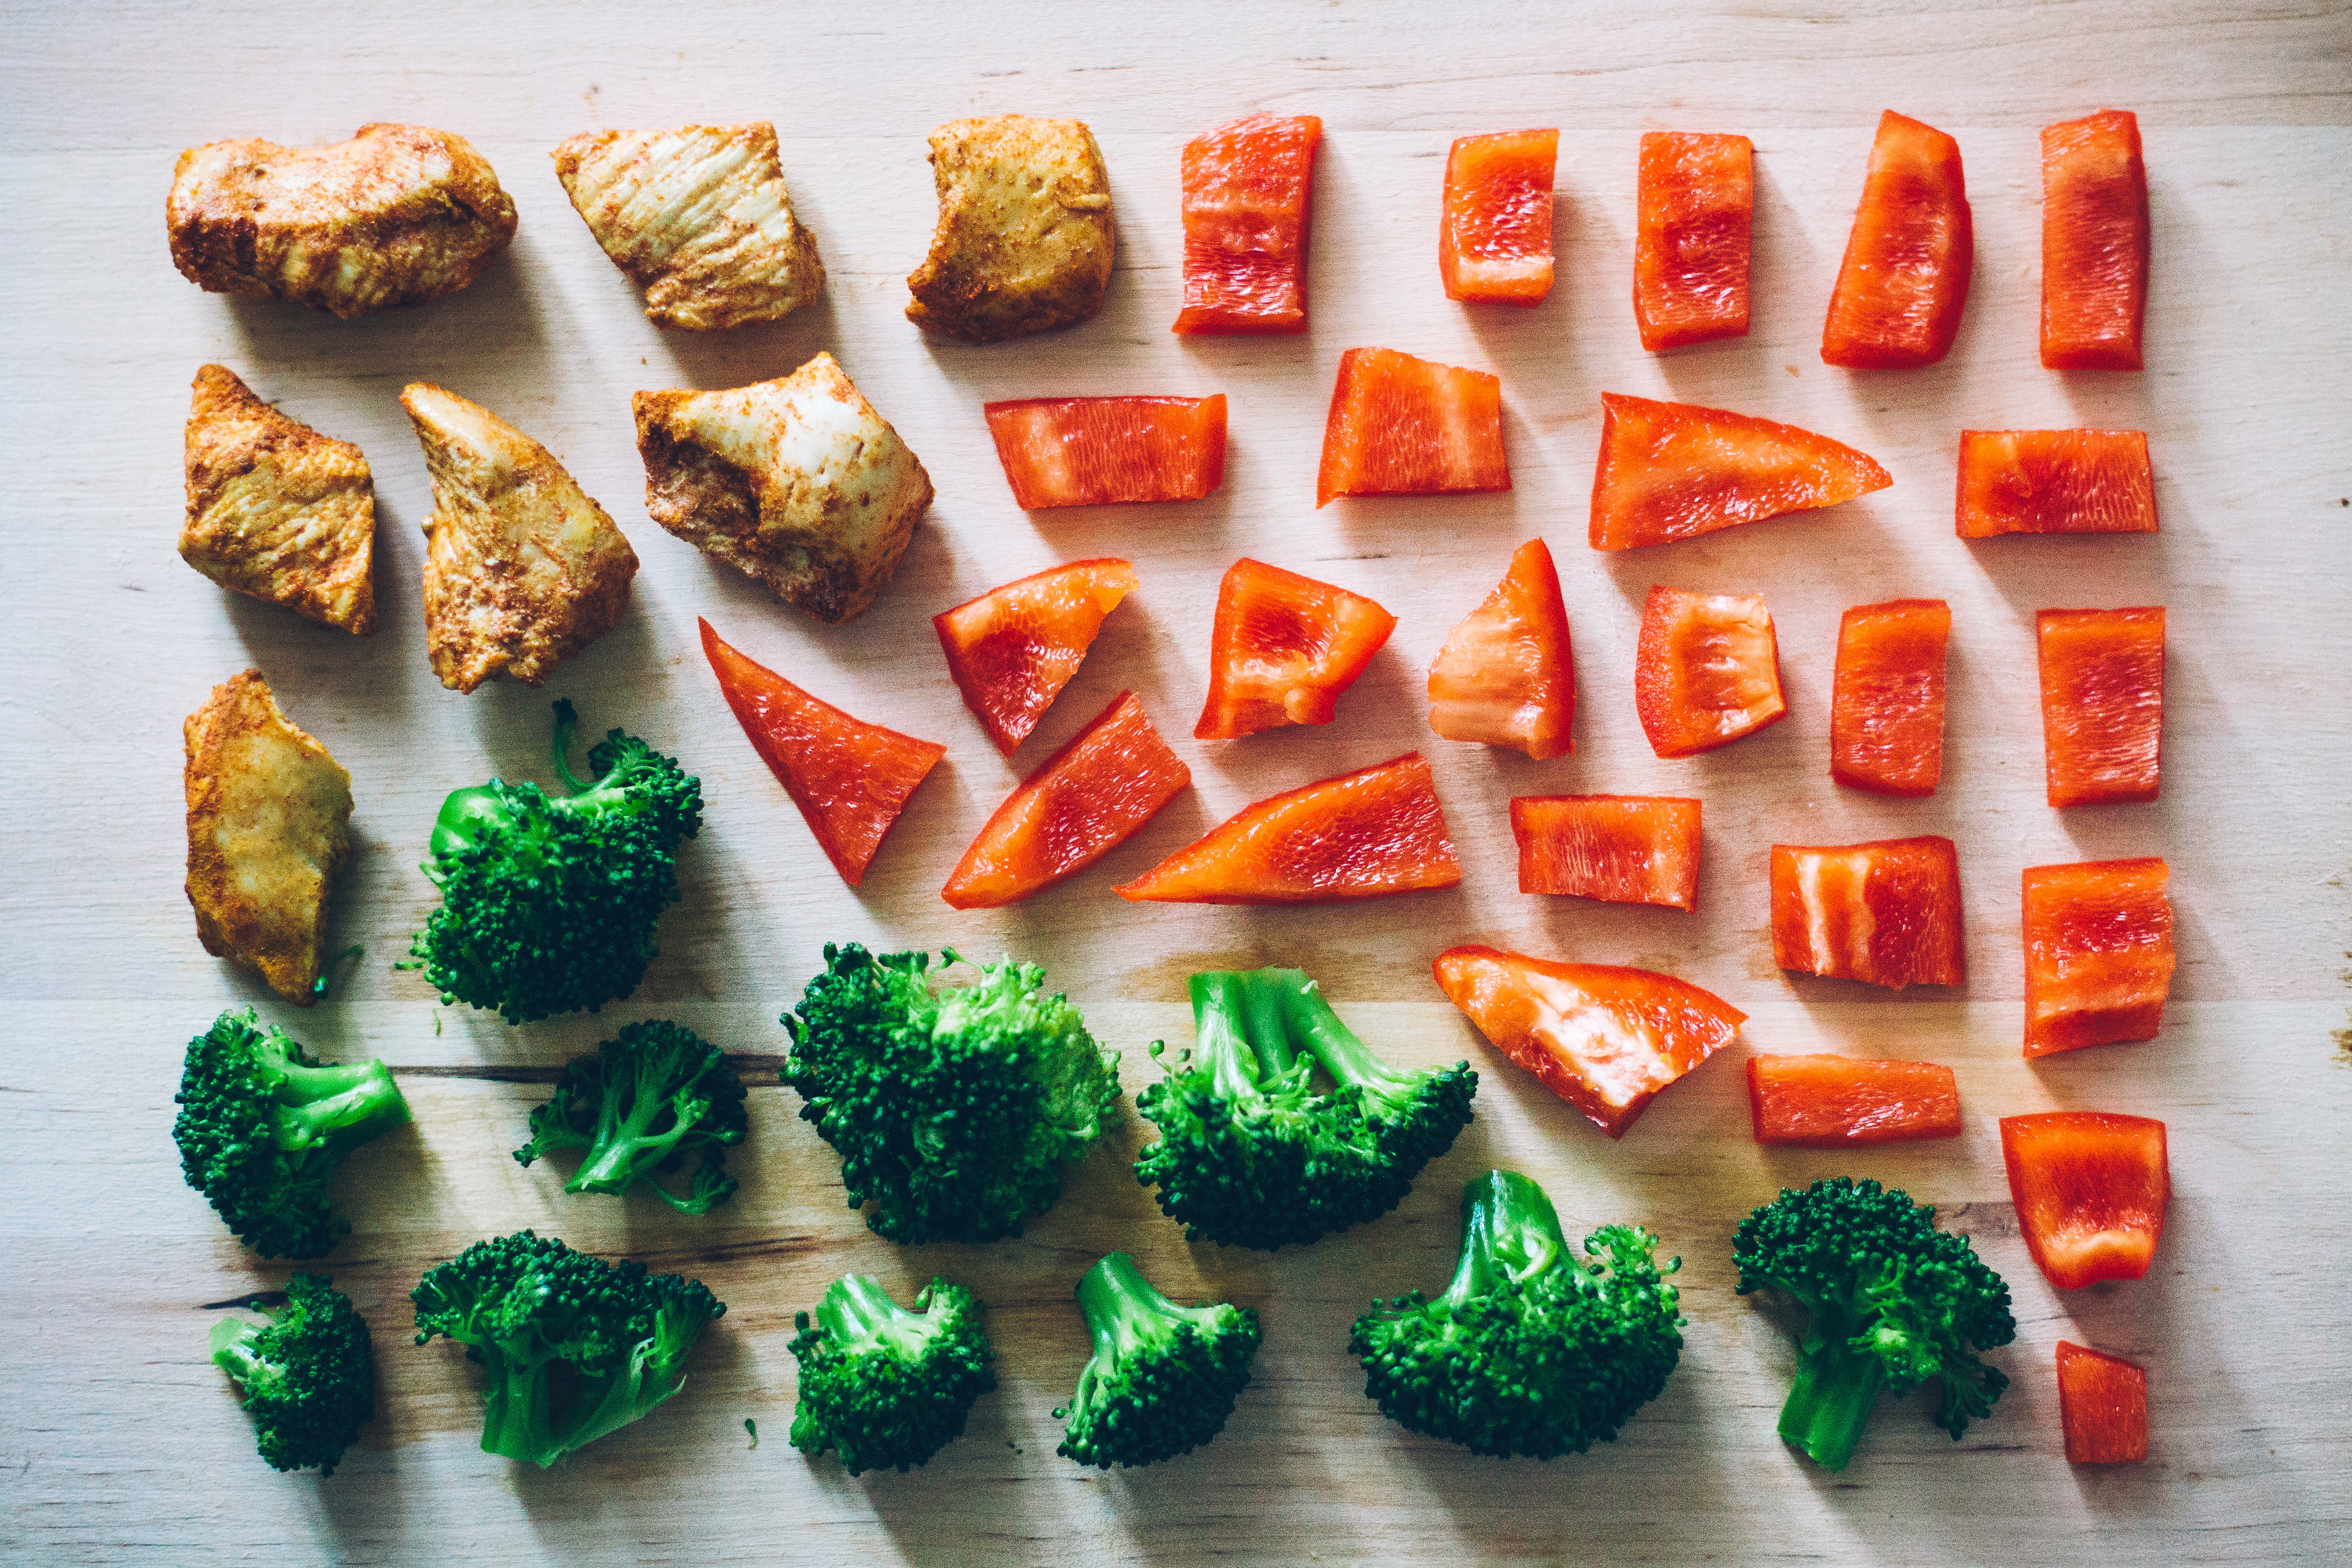 Bei der Paleo-Ernährung kommen vor allem frisches Gemüse und auch Fleisch auf den Teller. © pexels.com